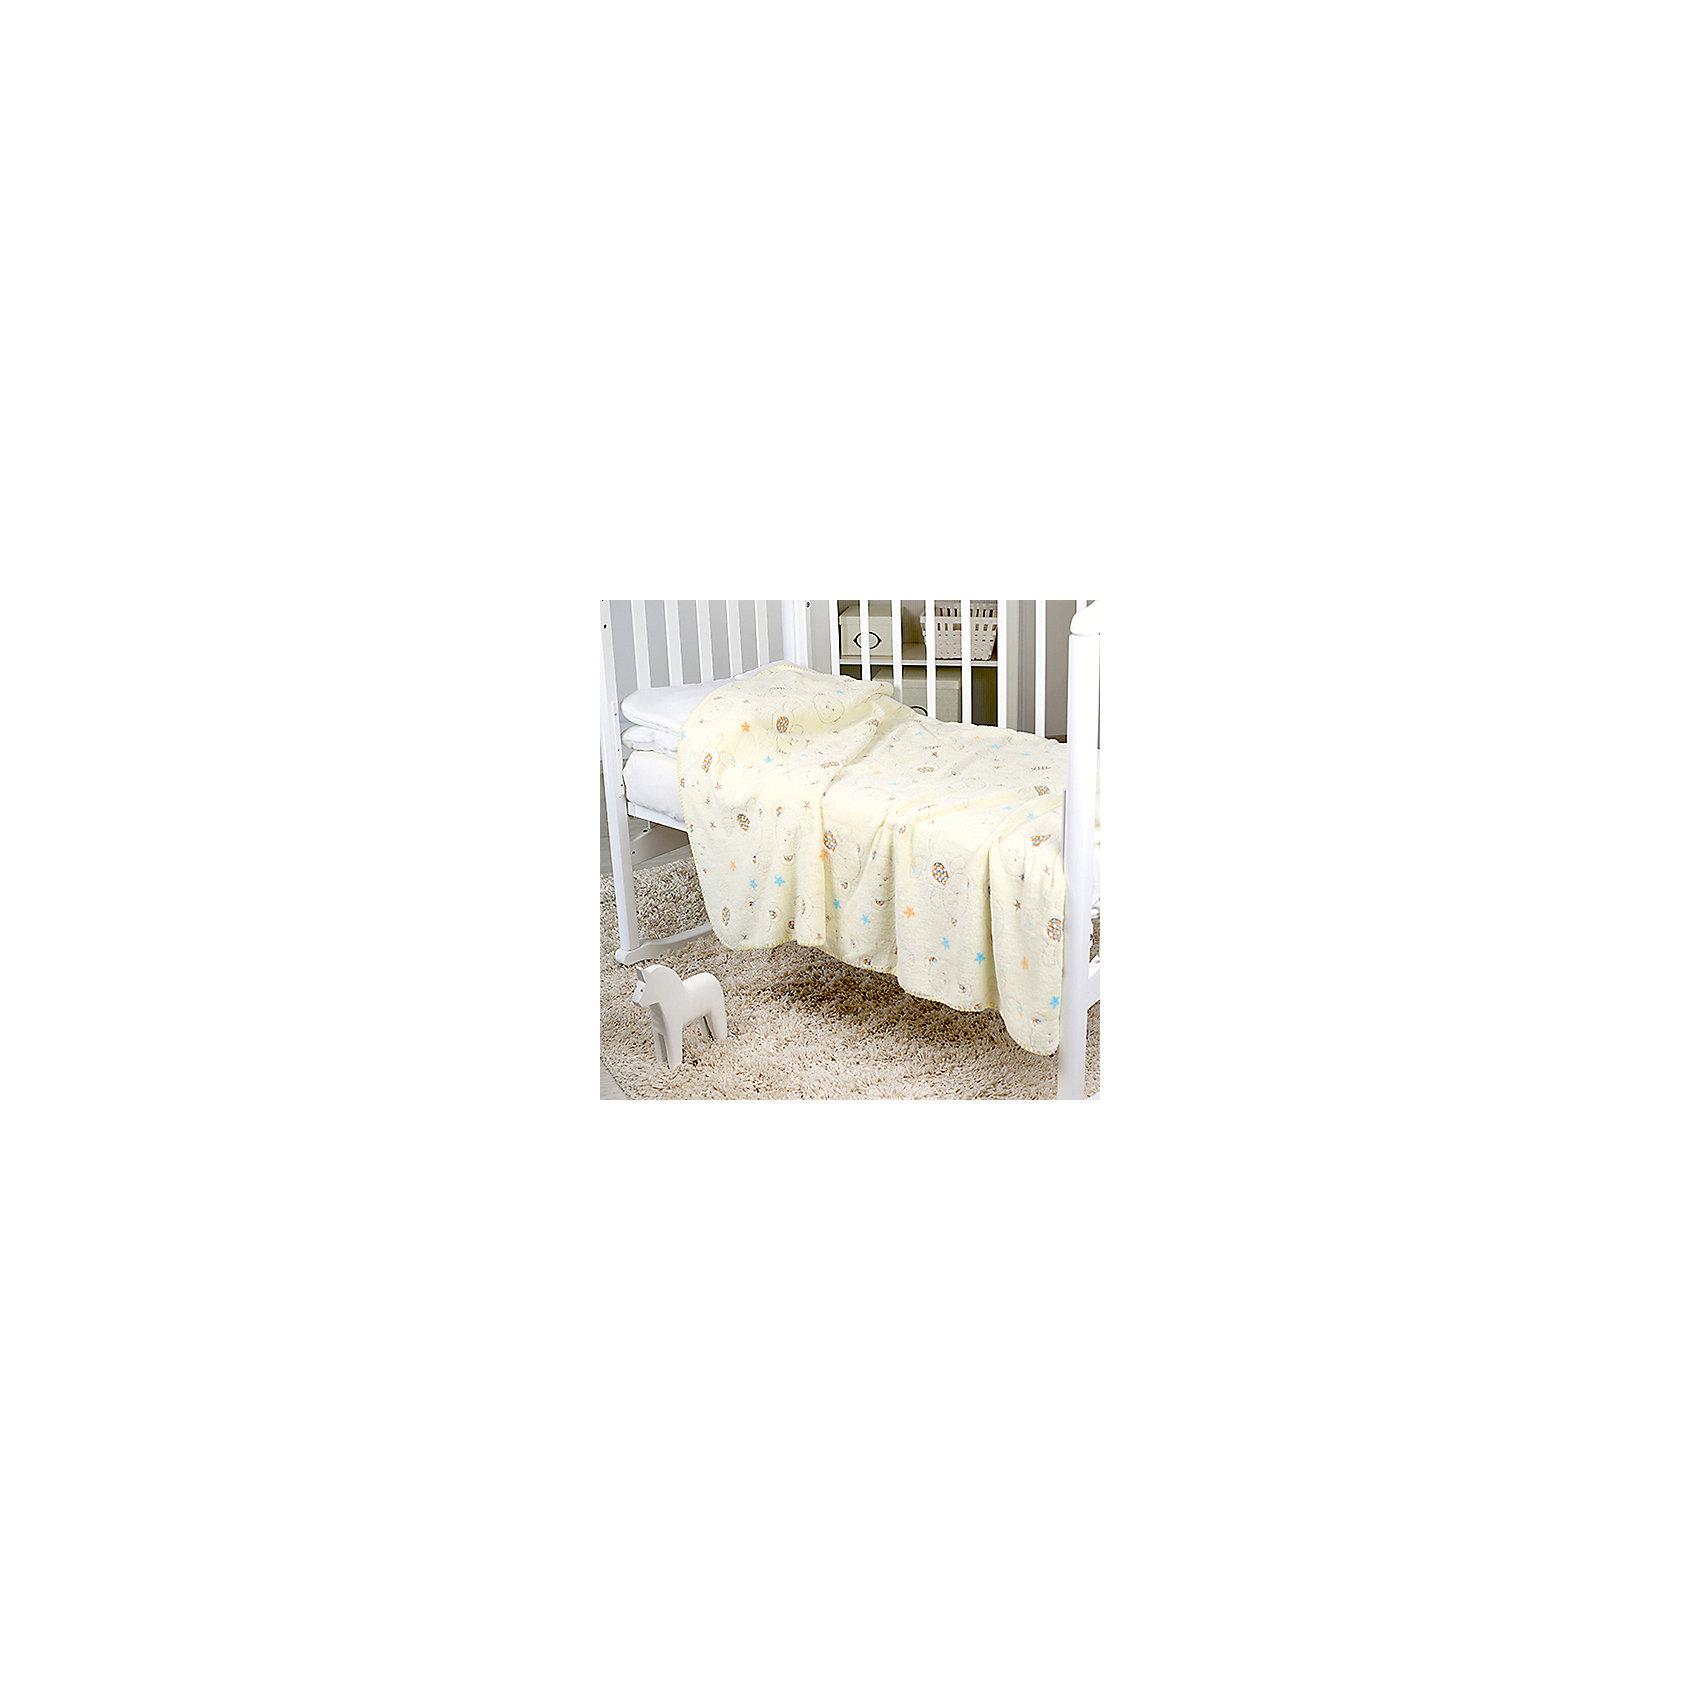 Плед-покрывало Мишки и звезды 100х118  Velsoft 2-стороннее оверлок, Baby NiceОдеяла, пледы<br>Постельные принадлежности для детей должны быть качественными и безопасными. Этот плед-покрывало разработан специально для малышей, оно обеспечивает комфорт на всю ночь. Плед украшен симпатичным принтом.<br>Пледик сшит из мягкого легкого  материала - велсофта, приятного на ощупь. Он не вызывает аллергии, что особенно важно для малышей. Покрывало обеспечит хорошую терморегуляцию, а значит - крепкий сон. Плед сделан из высококачественных материалов, безопасных для ребенка.<br><br>Дополнительная информация:<br><br>цвет: разноцветный;<br>материал: велсофт;<br>принт;<br>размер: 100 х 118 см;<br>обработка: оверлок;<br>двустороннее.<br><br>Плед-покрывало Мишки и звезды 100х118  Velsoft 2-стороннее оверлок,  от компании Baby Nice можно купить в нашем магазине.<br><br>Ширина мм: 10<br>Глубина мм: 20<br>Высота мм: 10<br>Вес г: 300<br>Возраст от месяцев: 0<br>Возраст до месяцев: 36<br>Пол: Унисекс<br>Возраст: Детский<br>SKU: 4941799